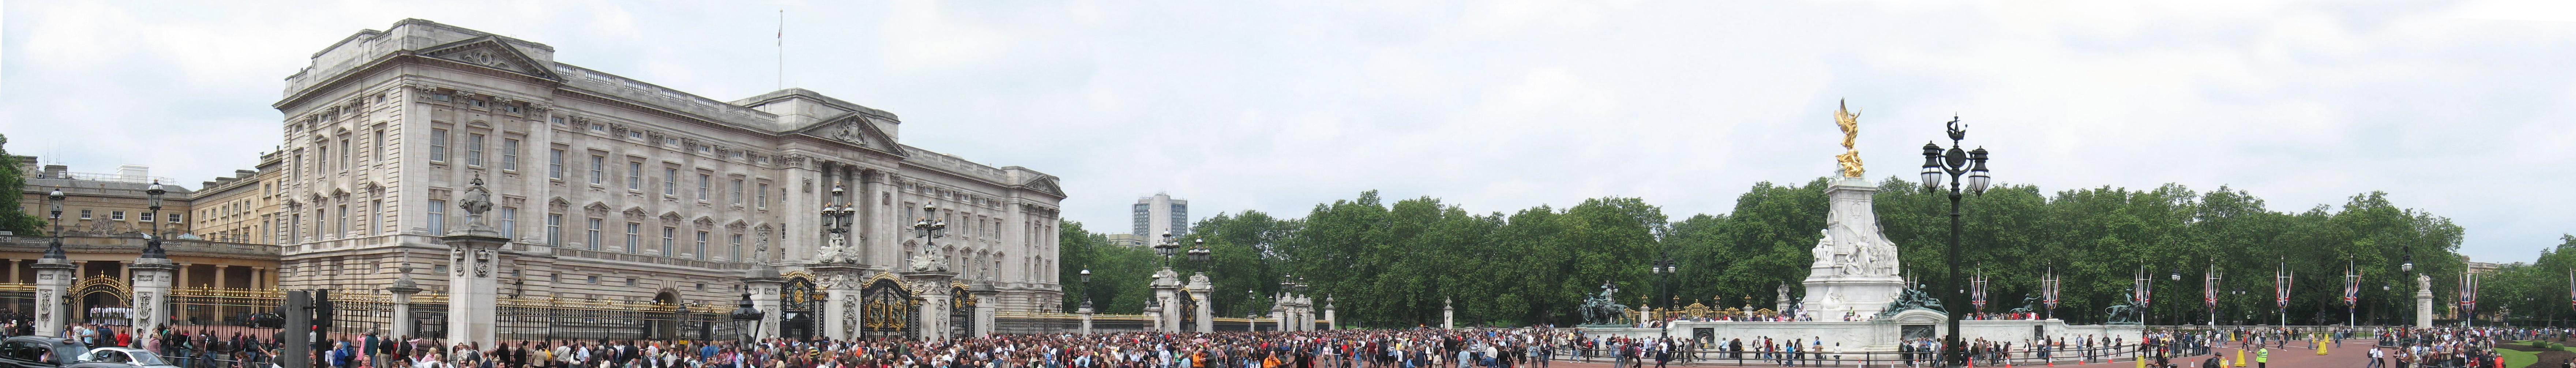 Buckinghampalace_banner